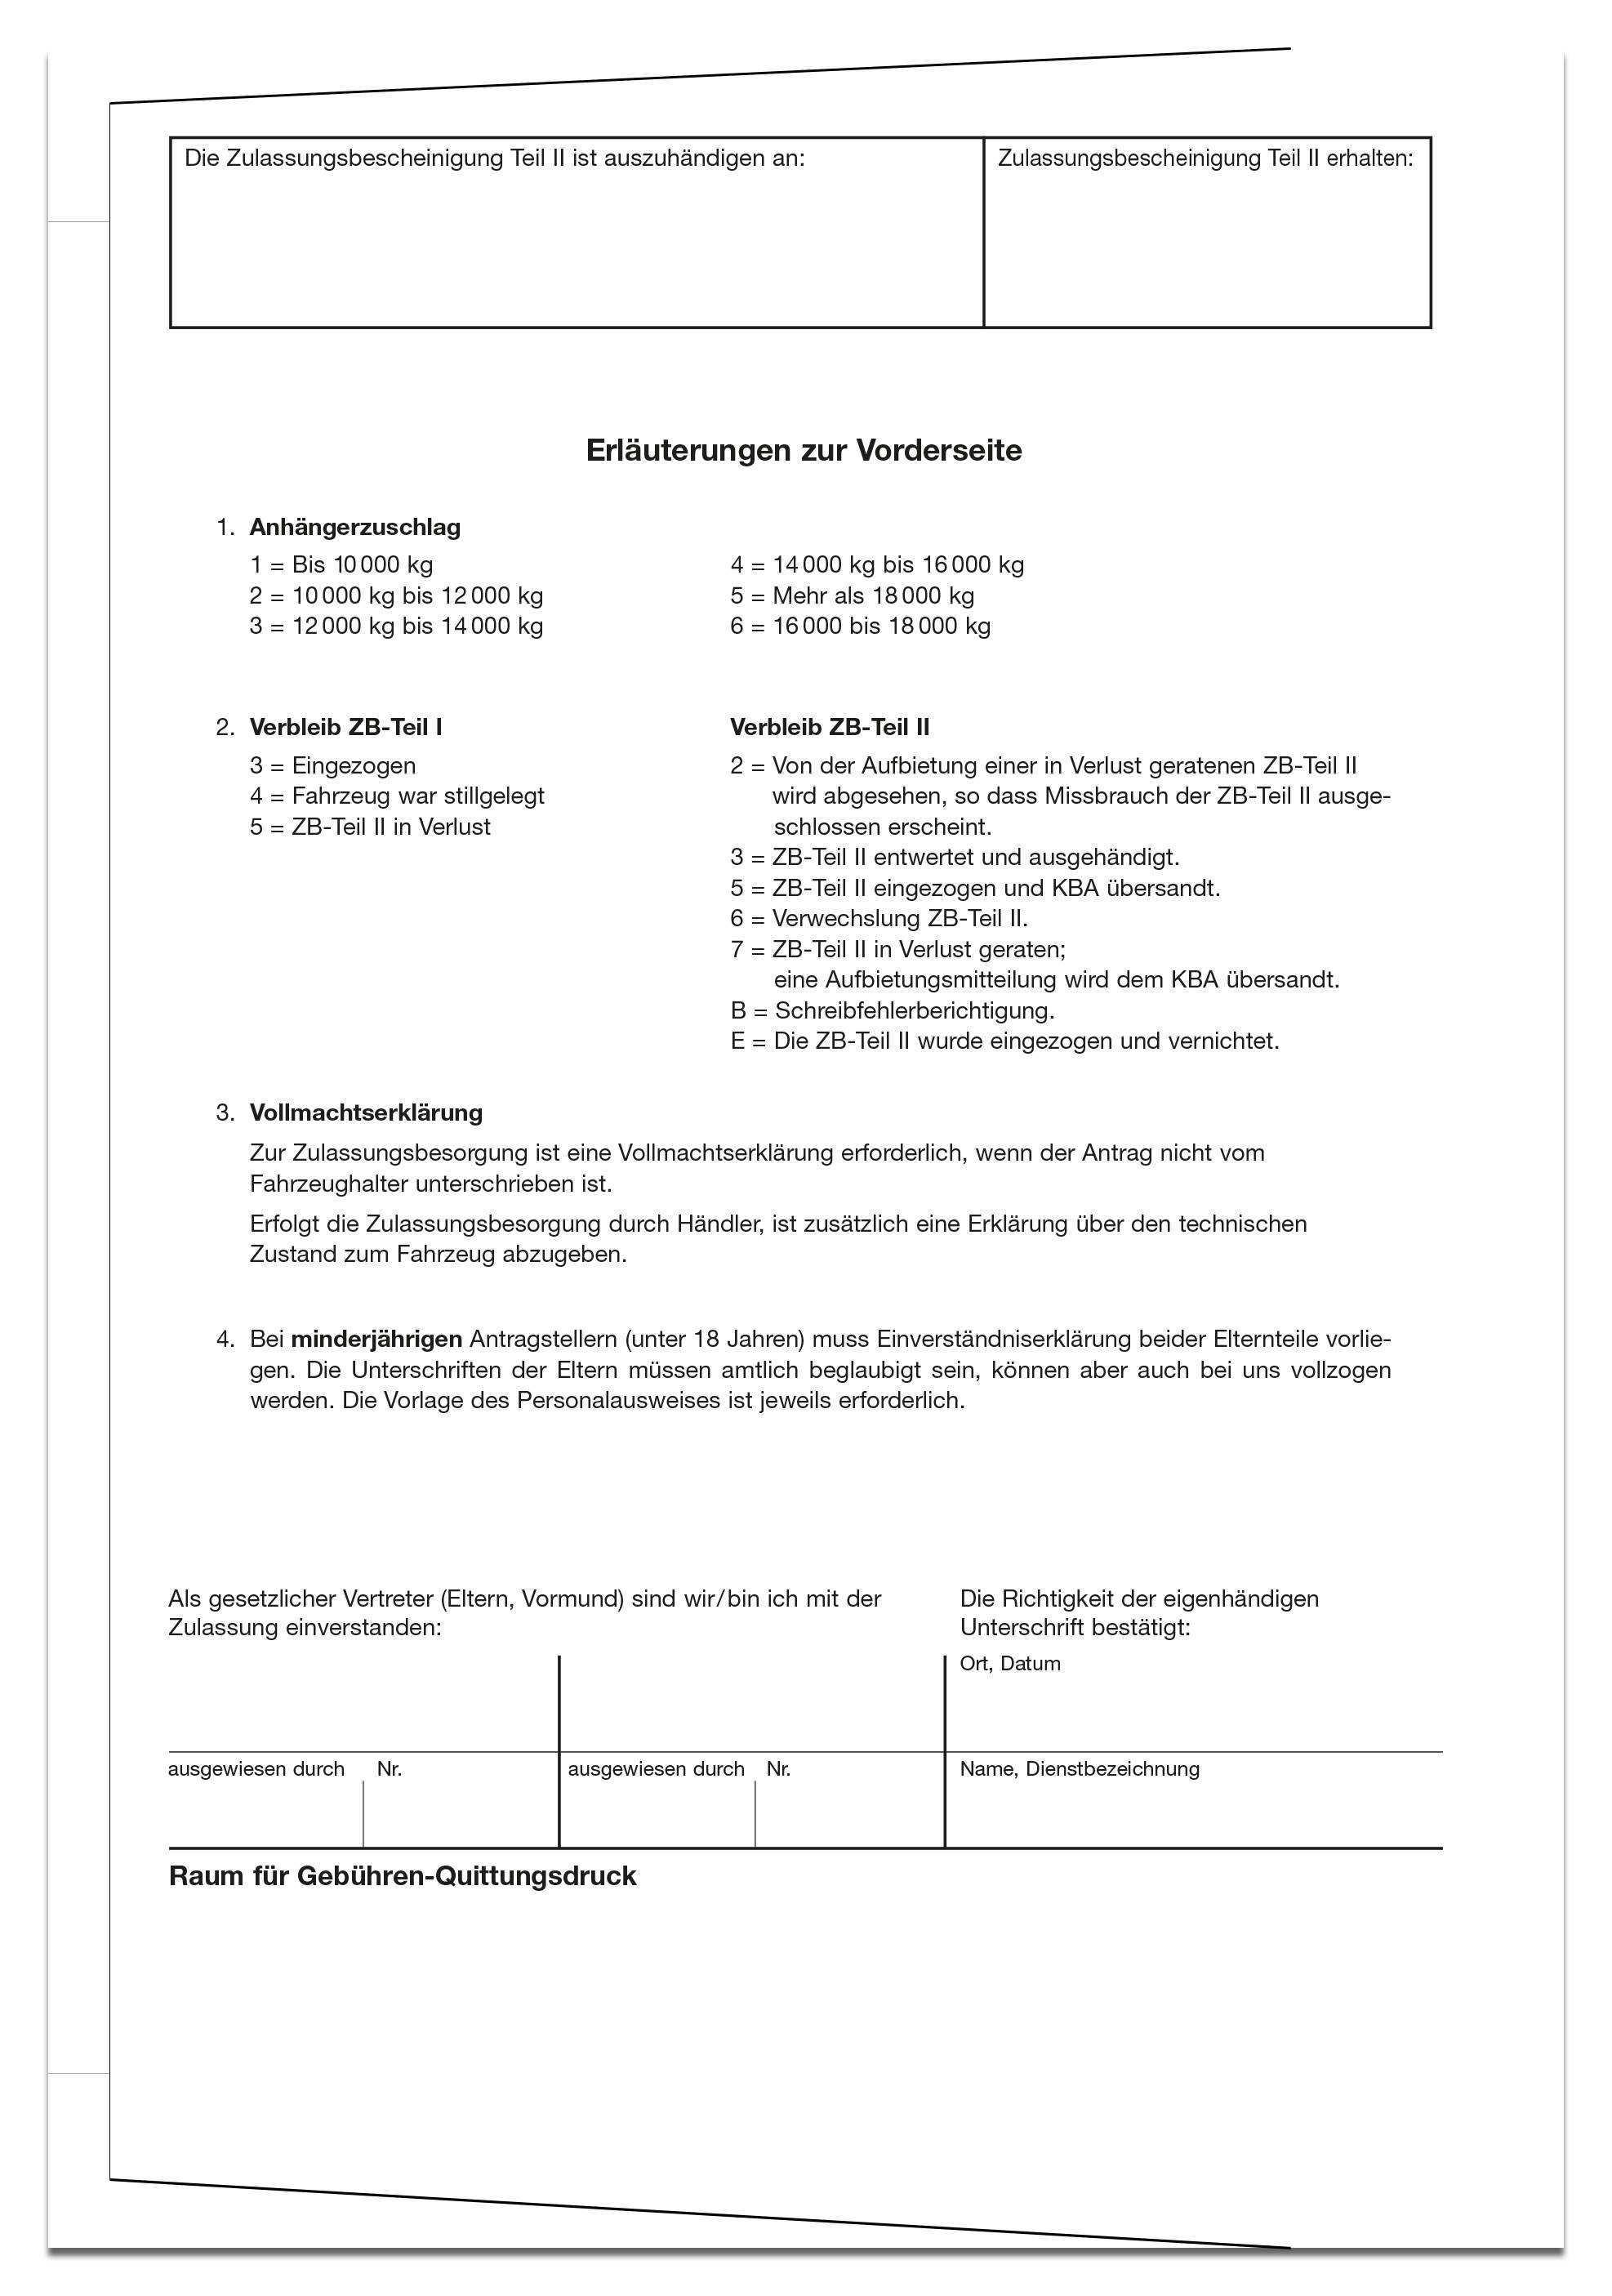 Archivhulle Zulassungstasche Grosser A5 80 G Cb Weiss Blanko Junglingshop